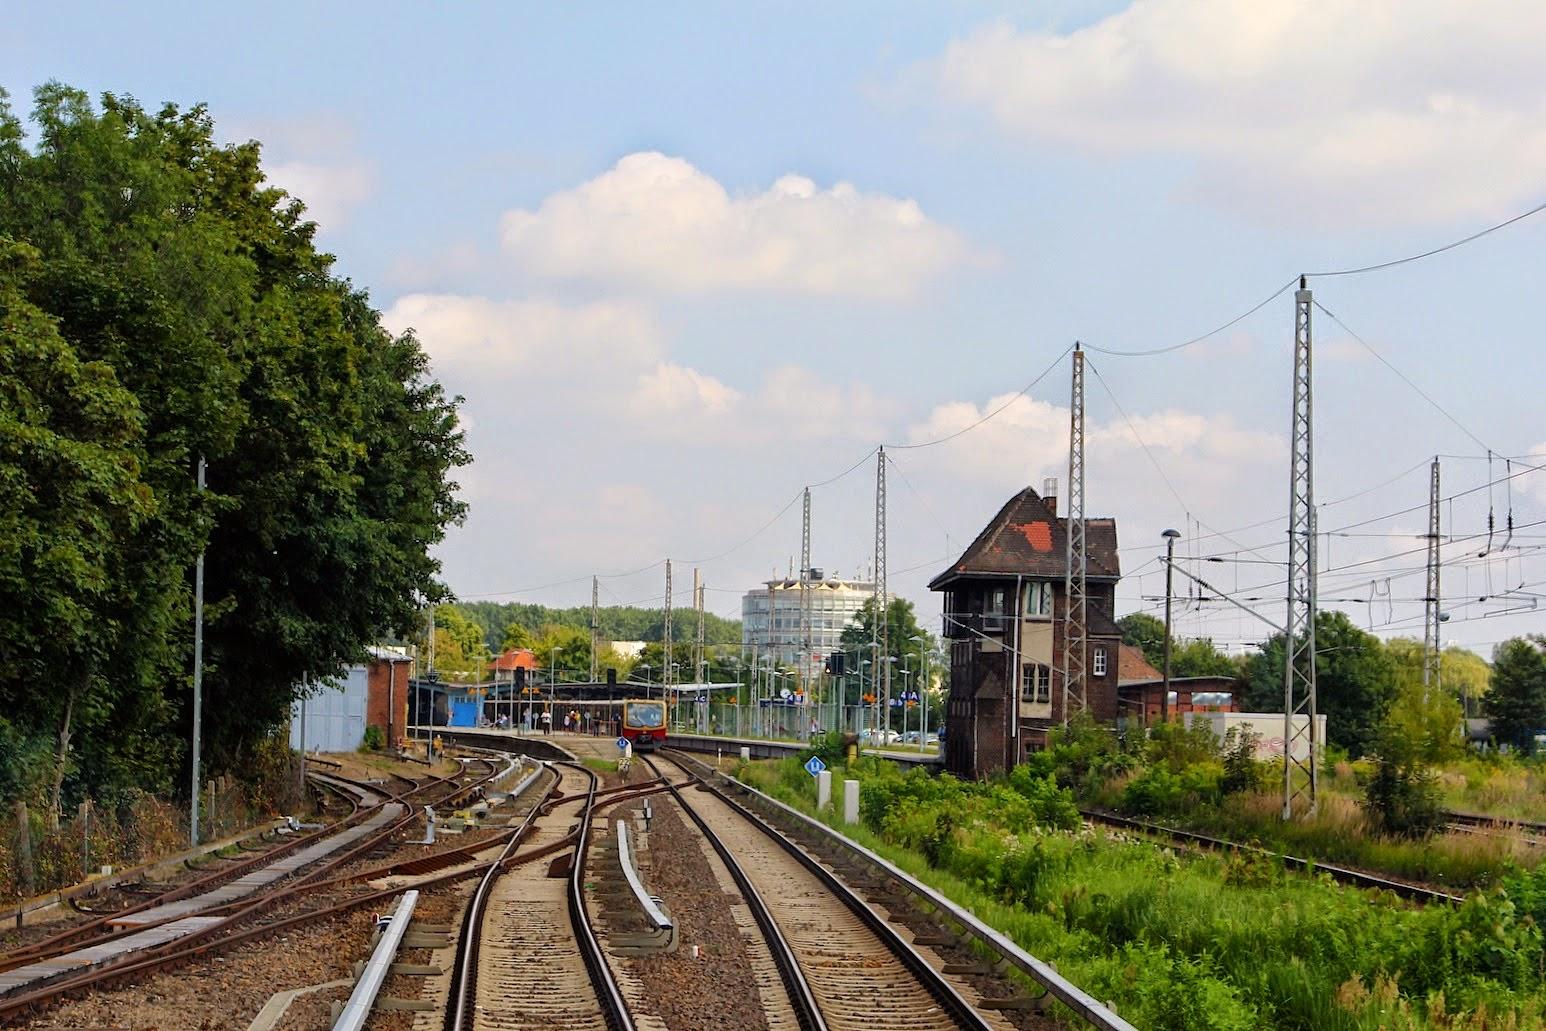 Schienenersatzverkehr bei der S2 und Bahn- jetzt müsst Ihr stark sein!